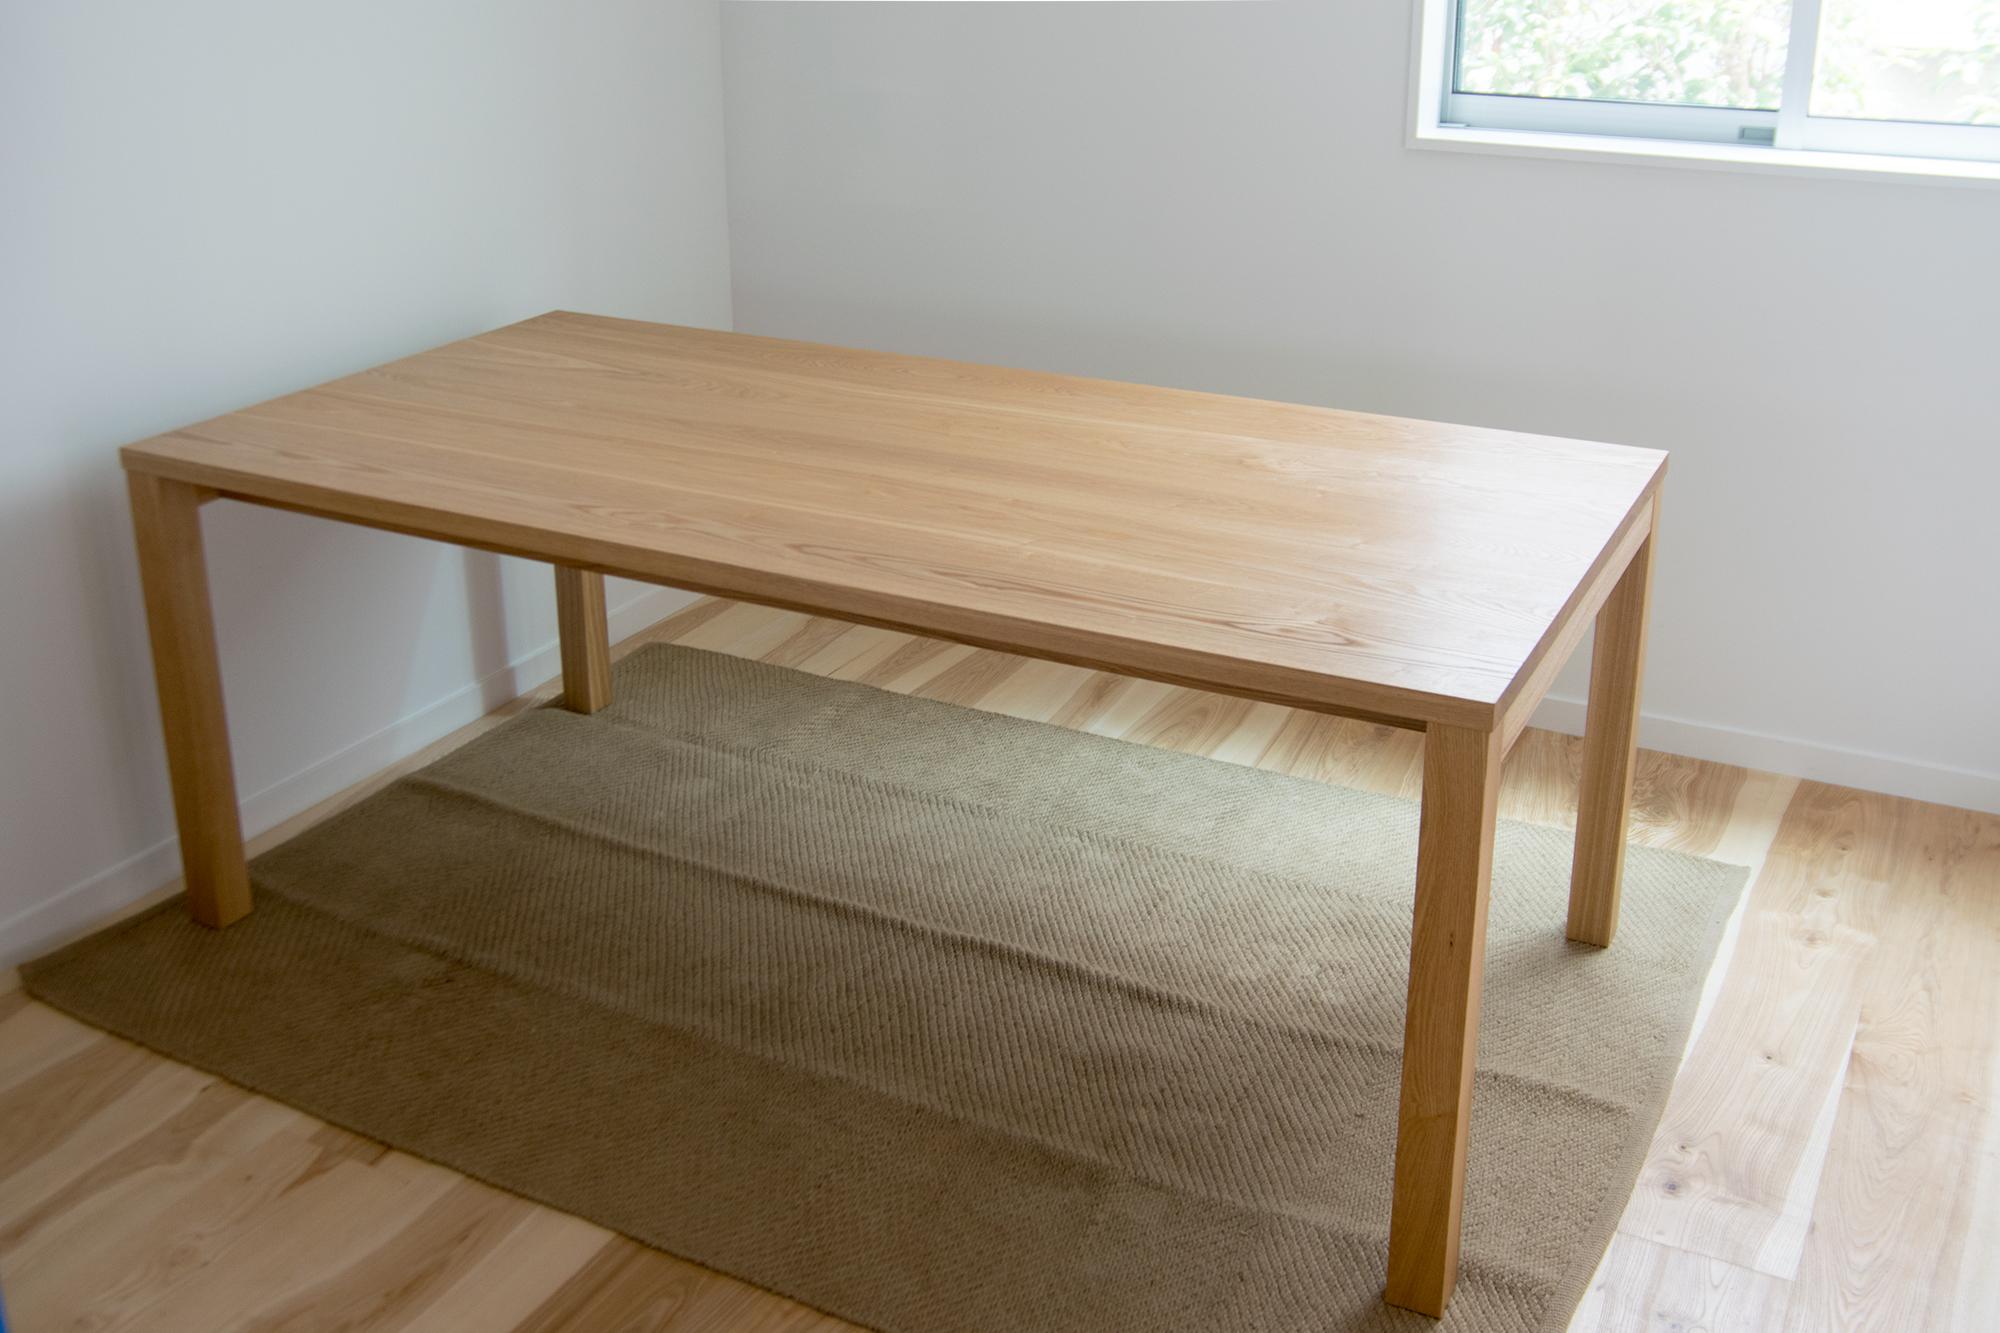 タモ材の無垢テーブル